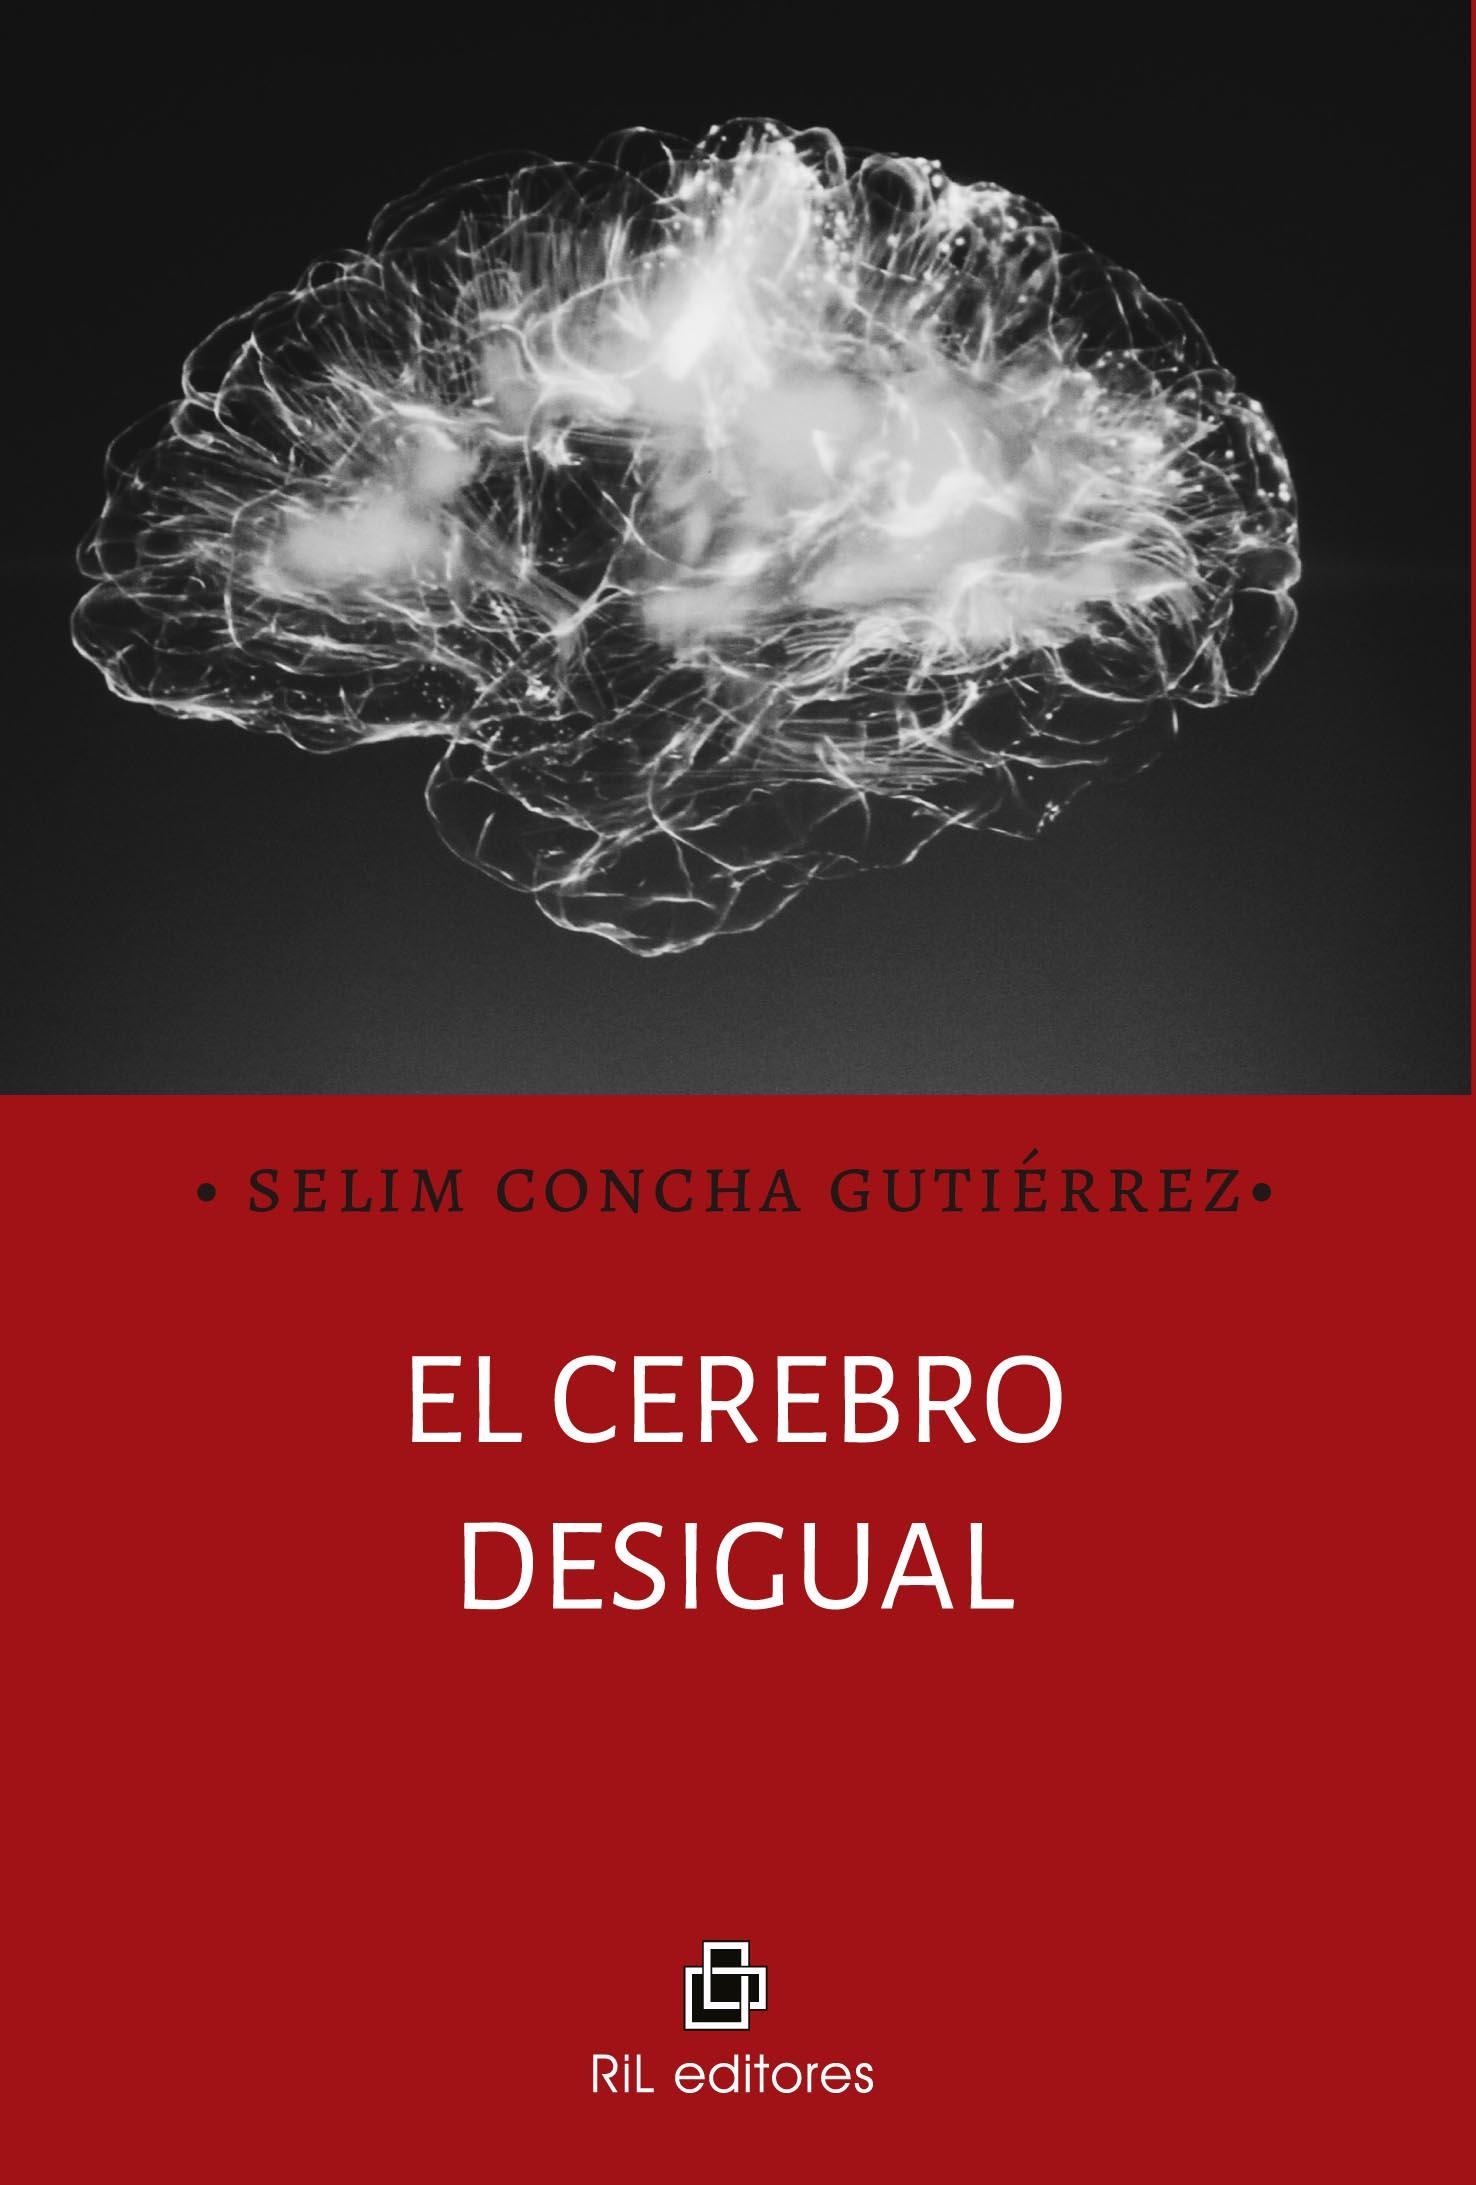 El cerebro desigual 1